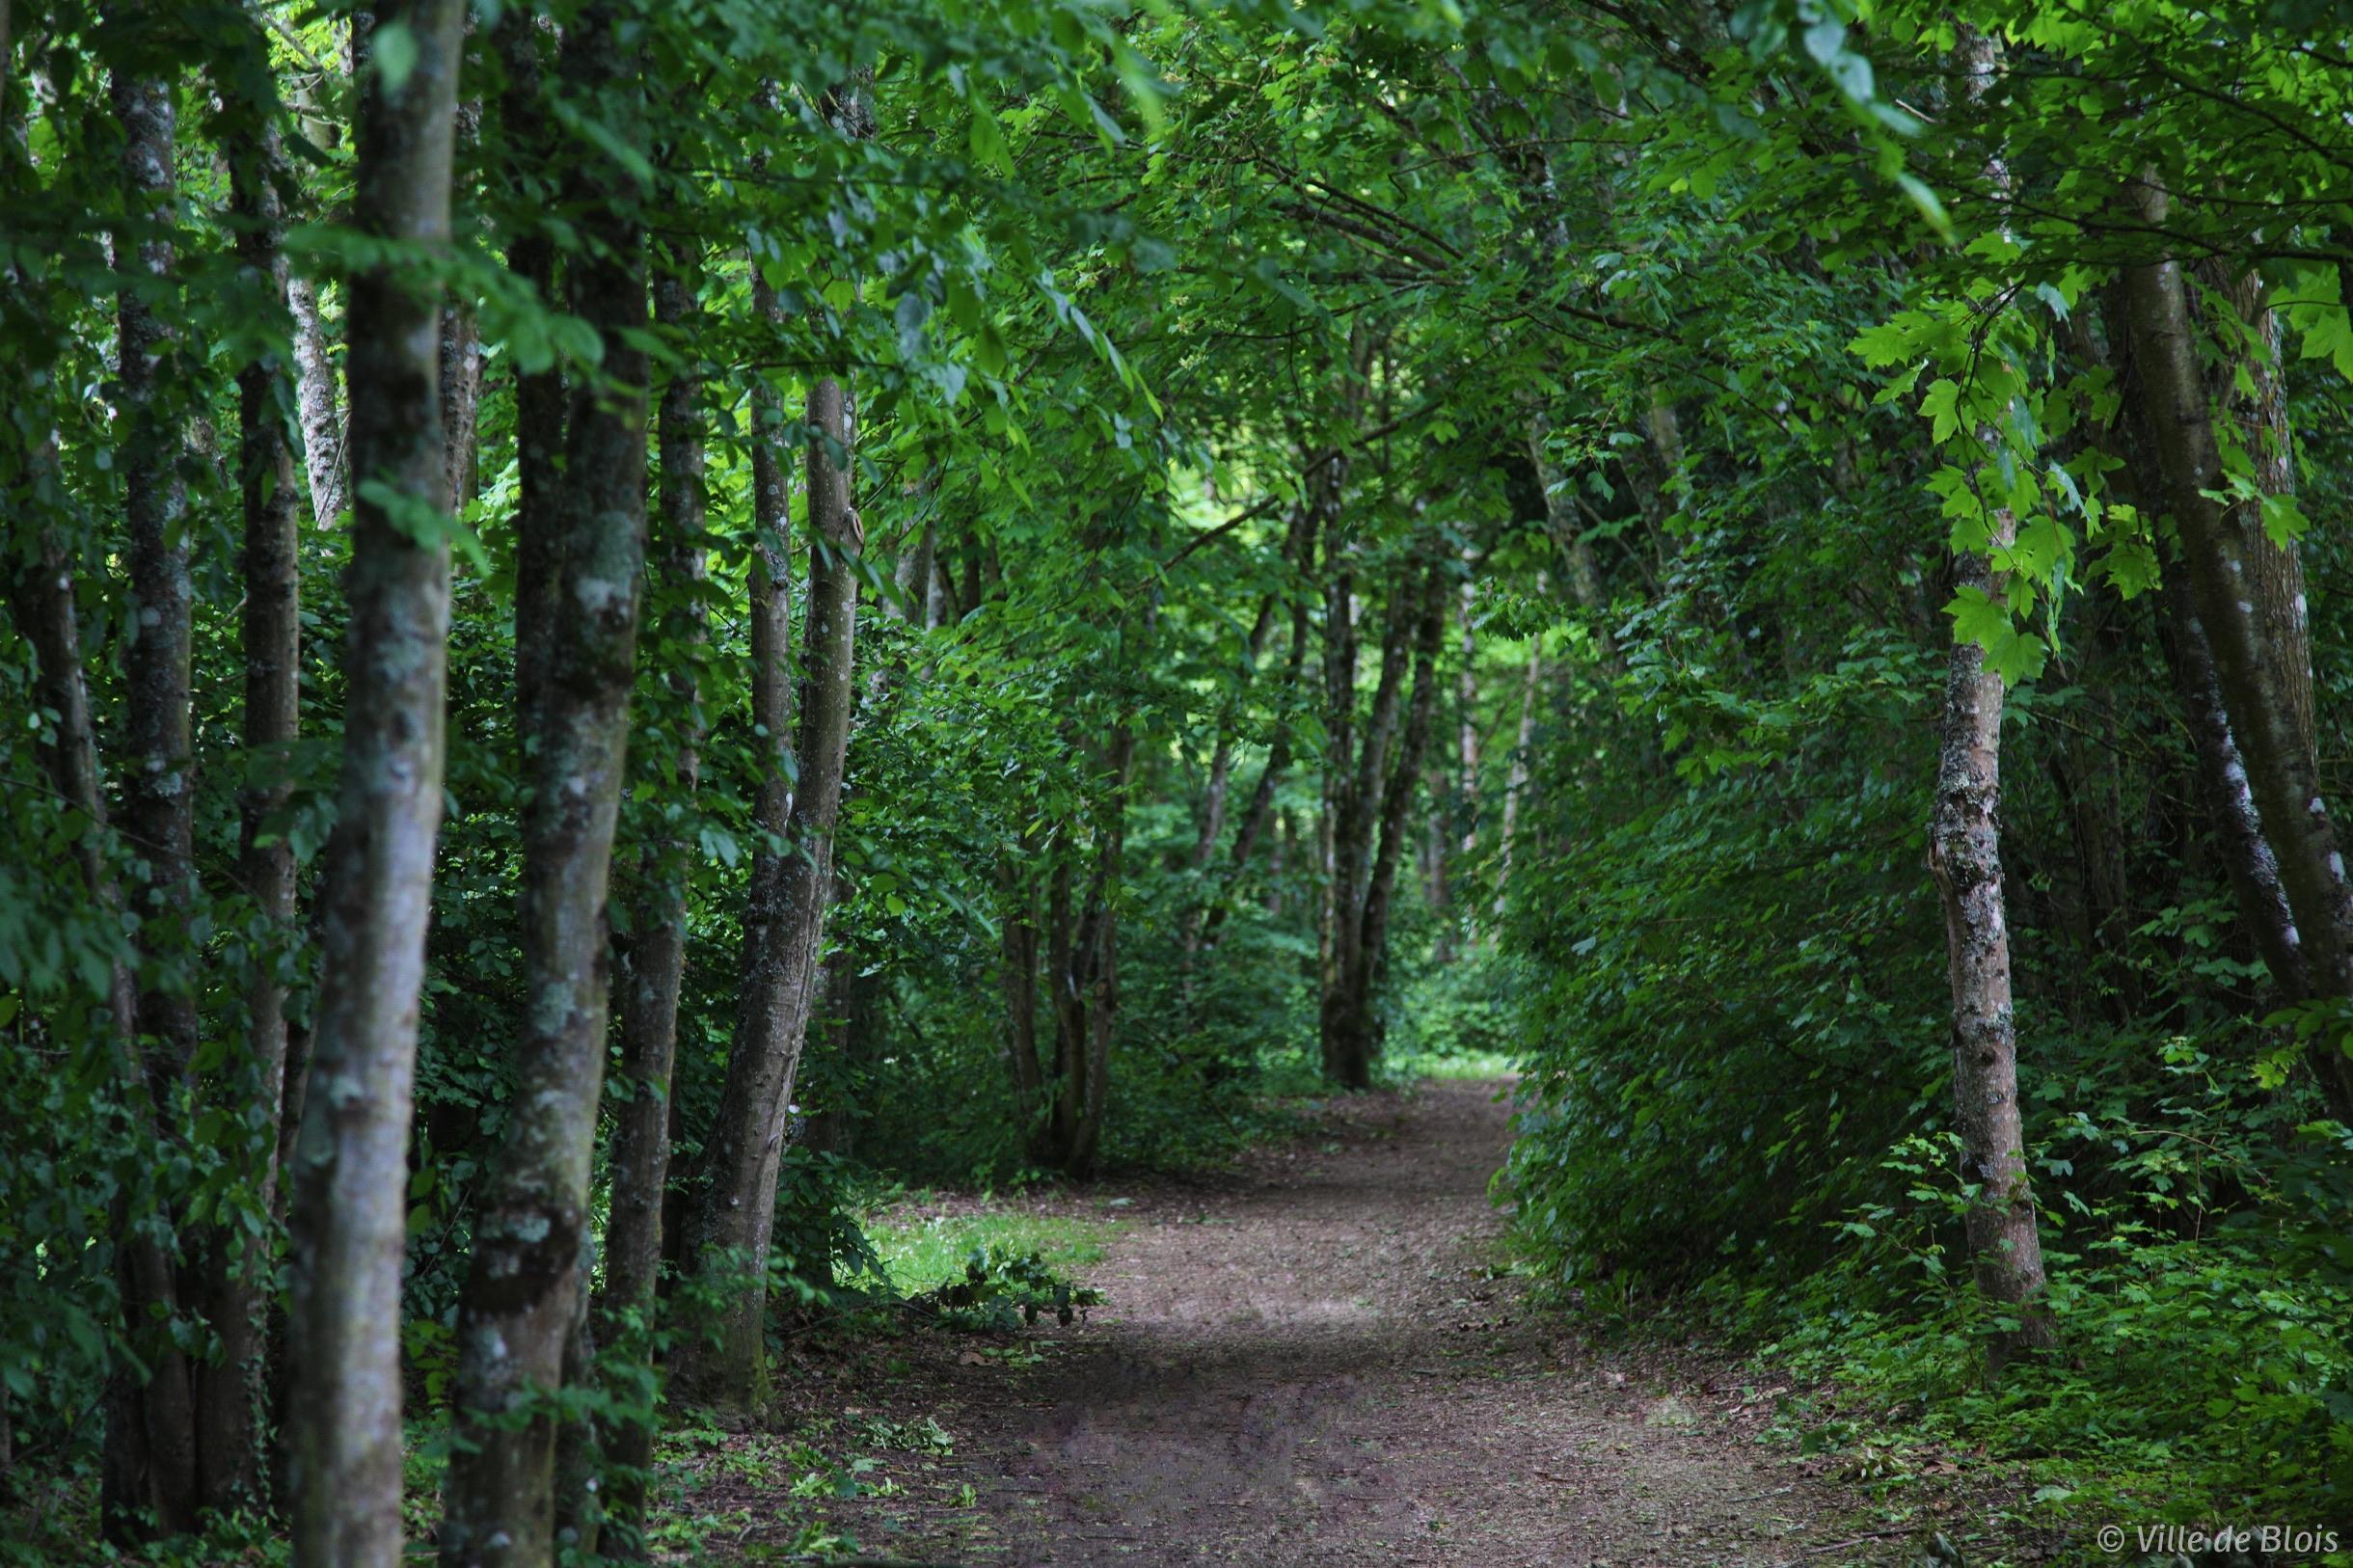 Chemin dégagé sous les arbres de la Forêt de Blois.